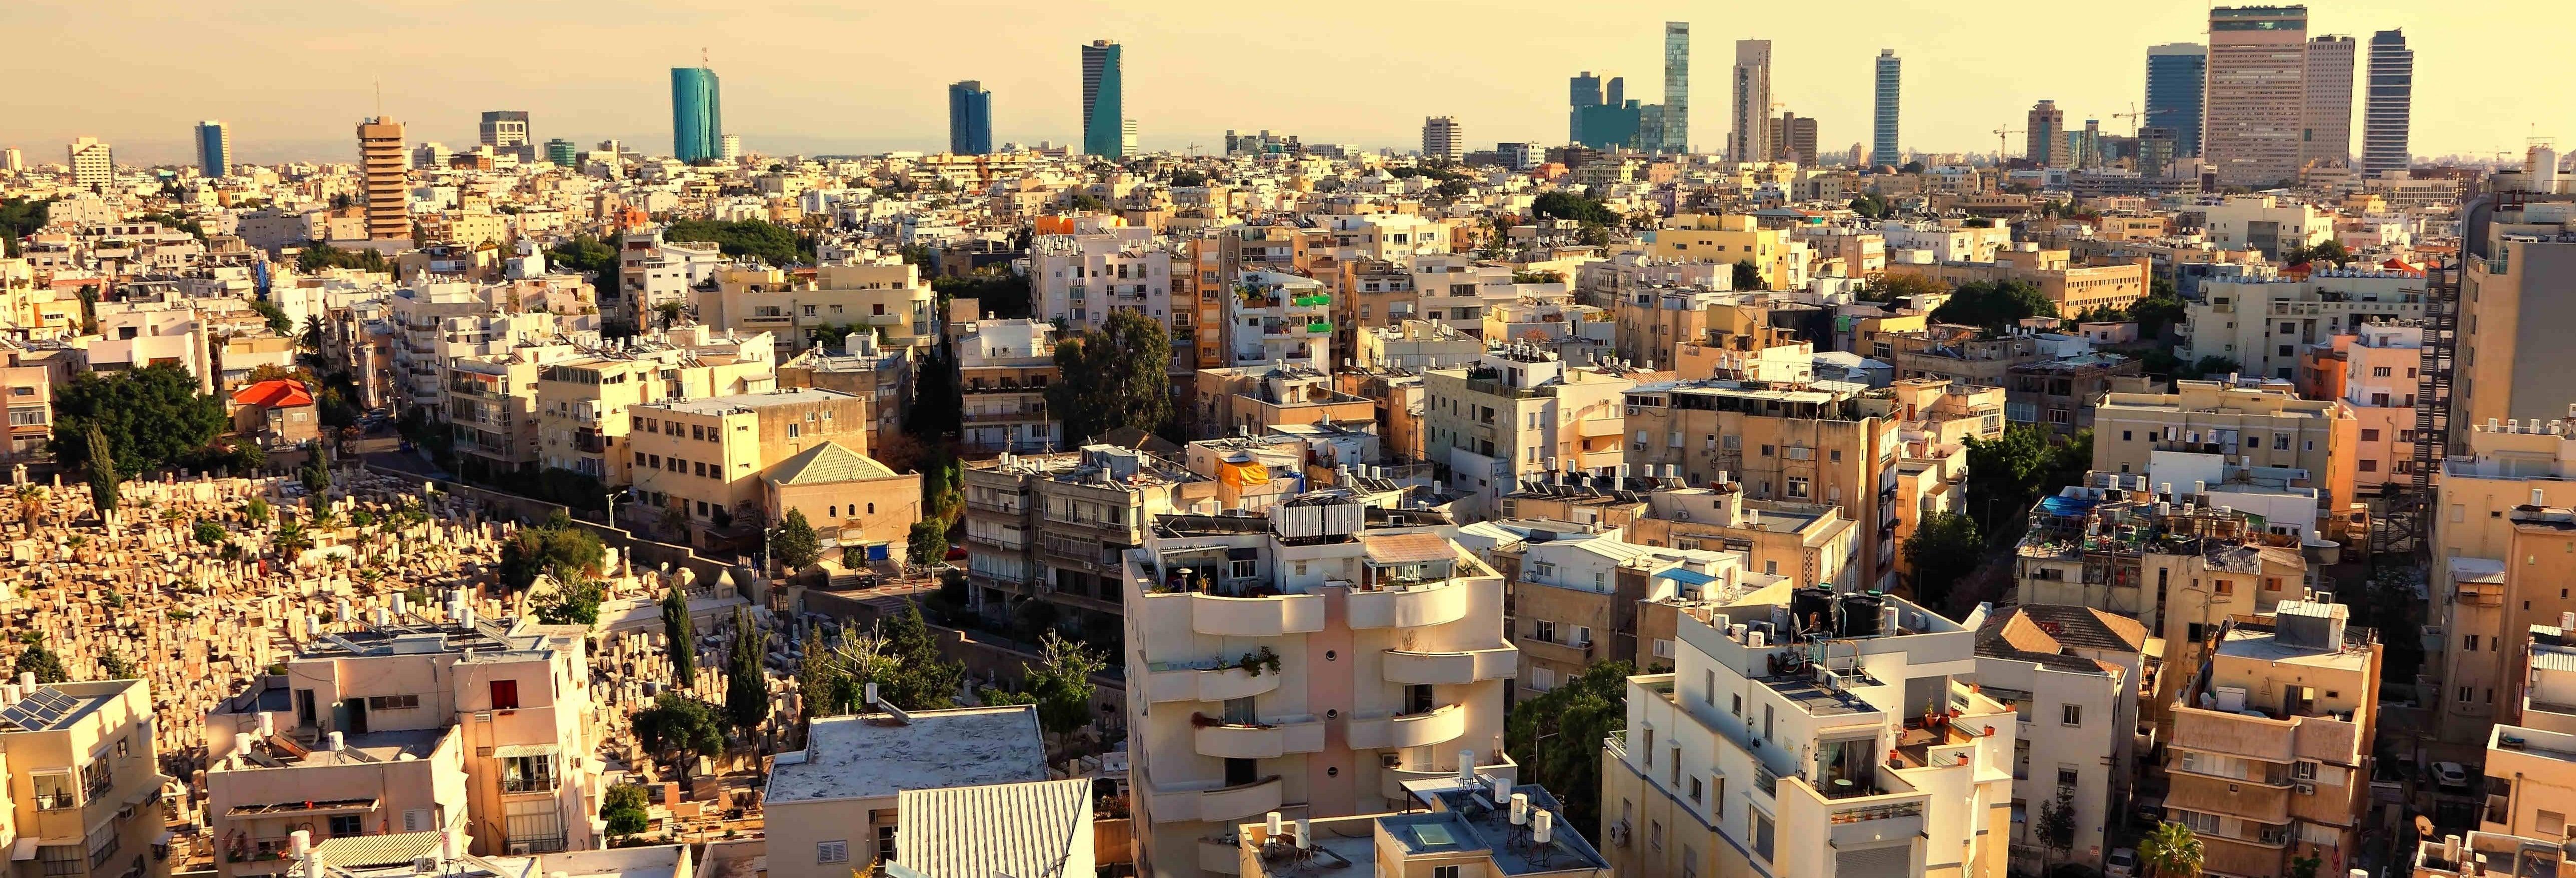 Visite autour de l'architecture à Tel Aviv